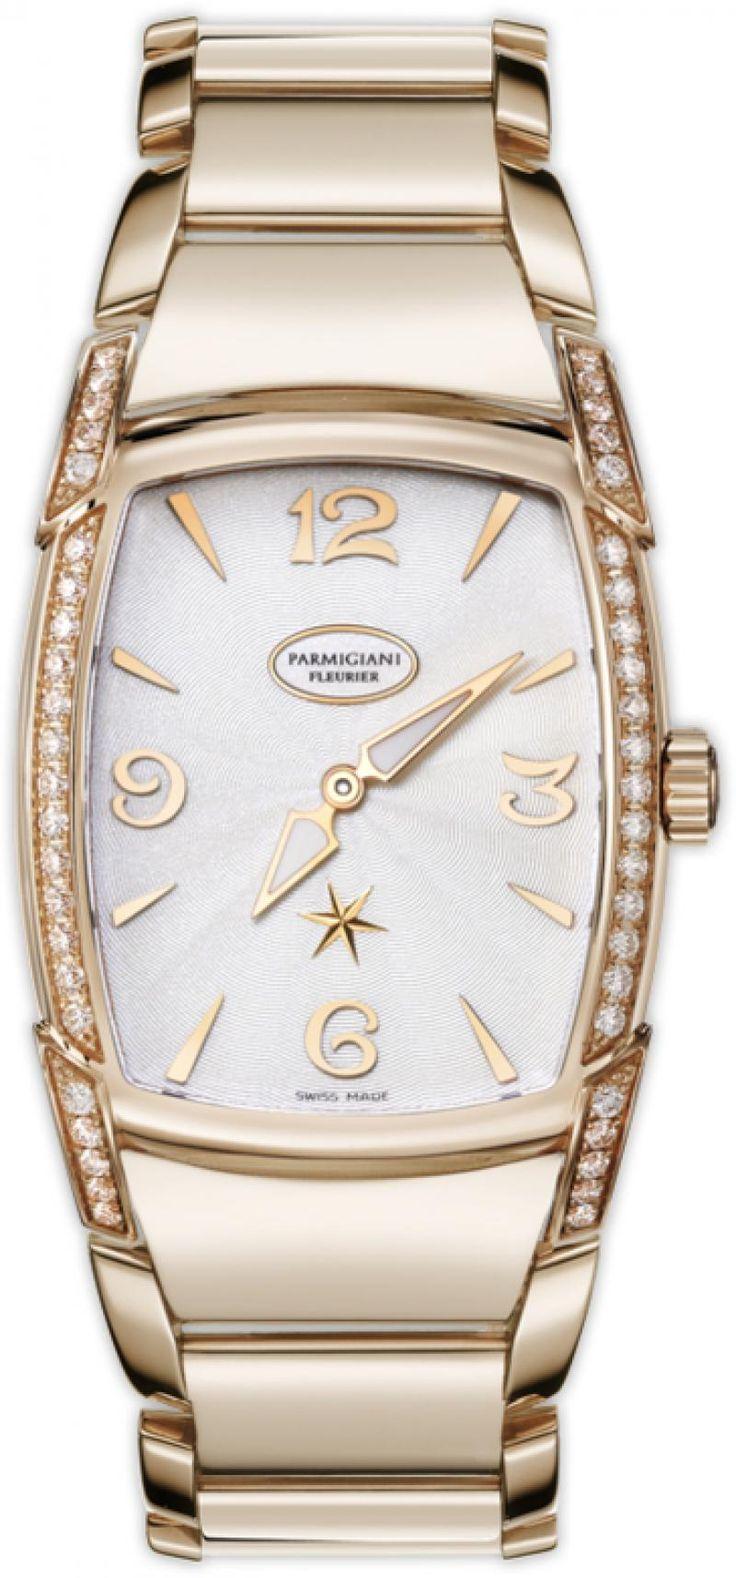 Parmigiani Fleurier PFC125-1020700-B10002 KalpaLadies Kalpaprisma - швейцарские женские часы - наручные, золотые с бриллиантами, белые